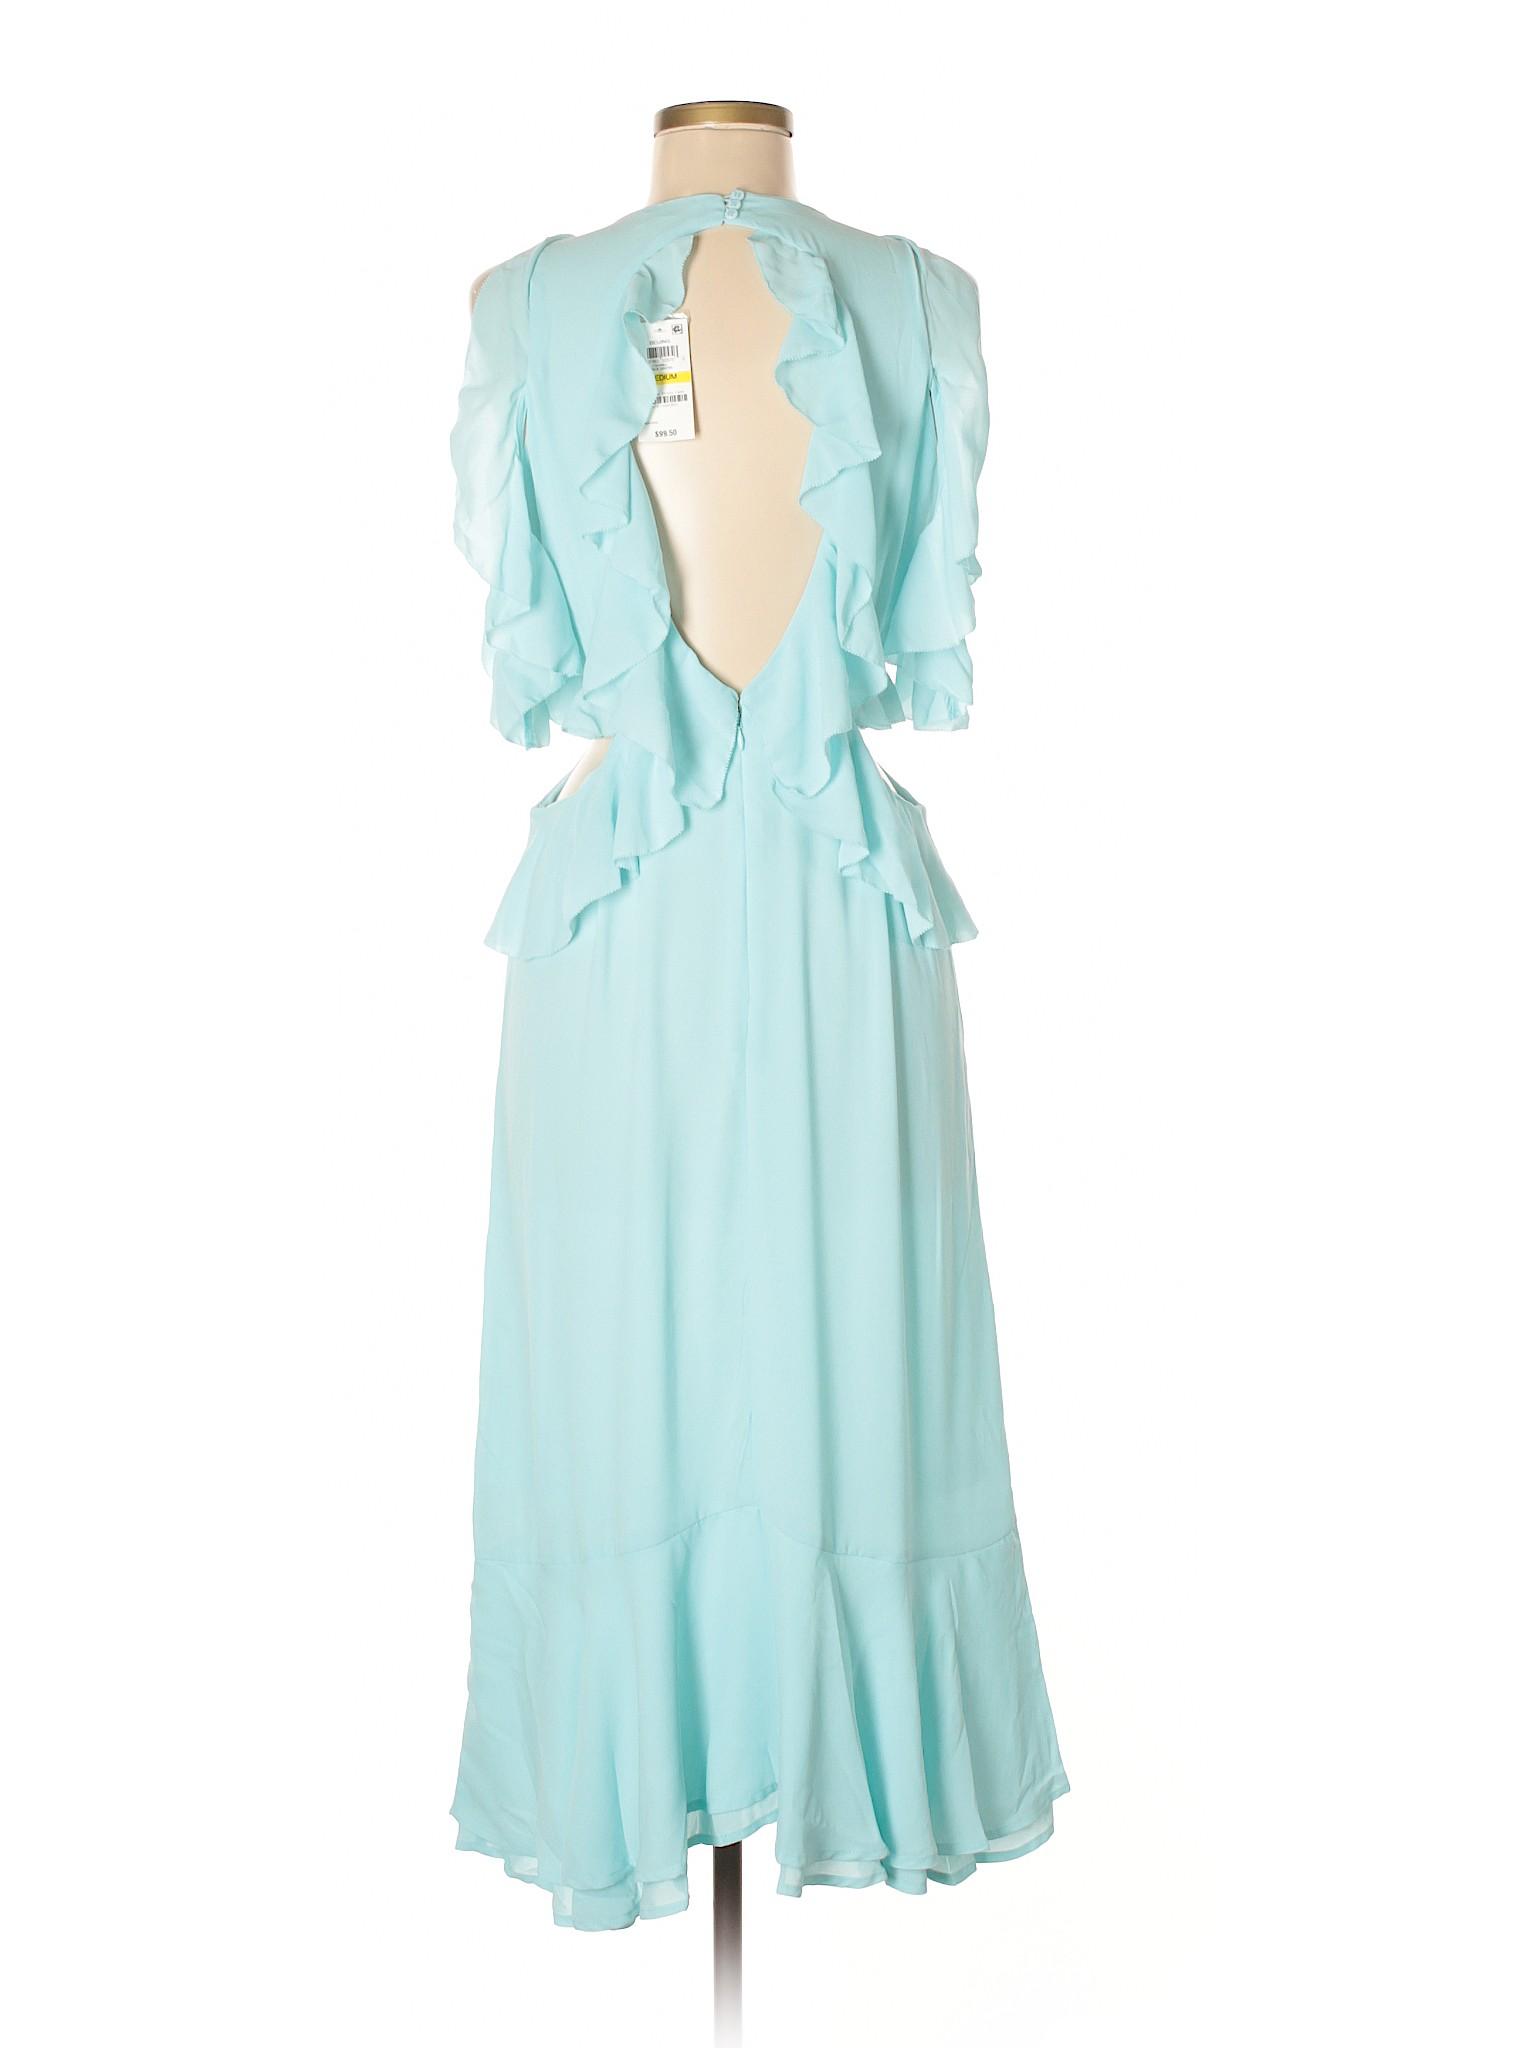 Casual Boutique Jules Dress Maison winter qnnF08B